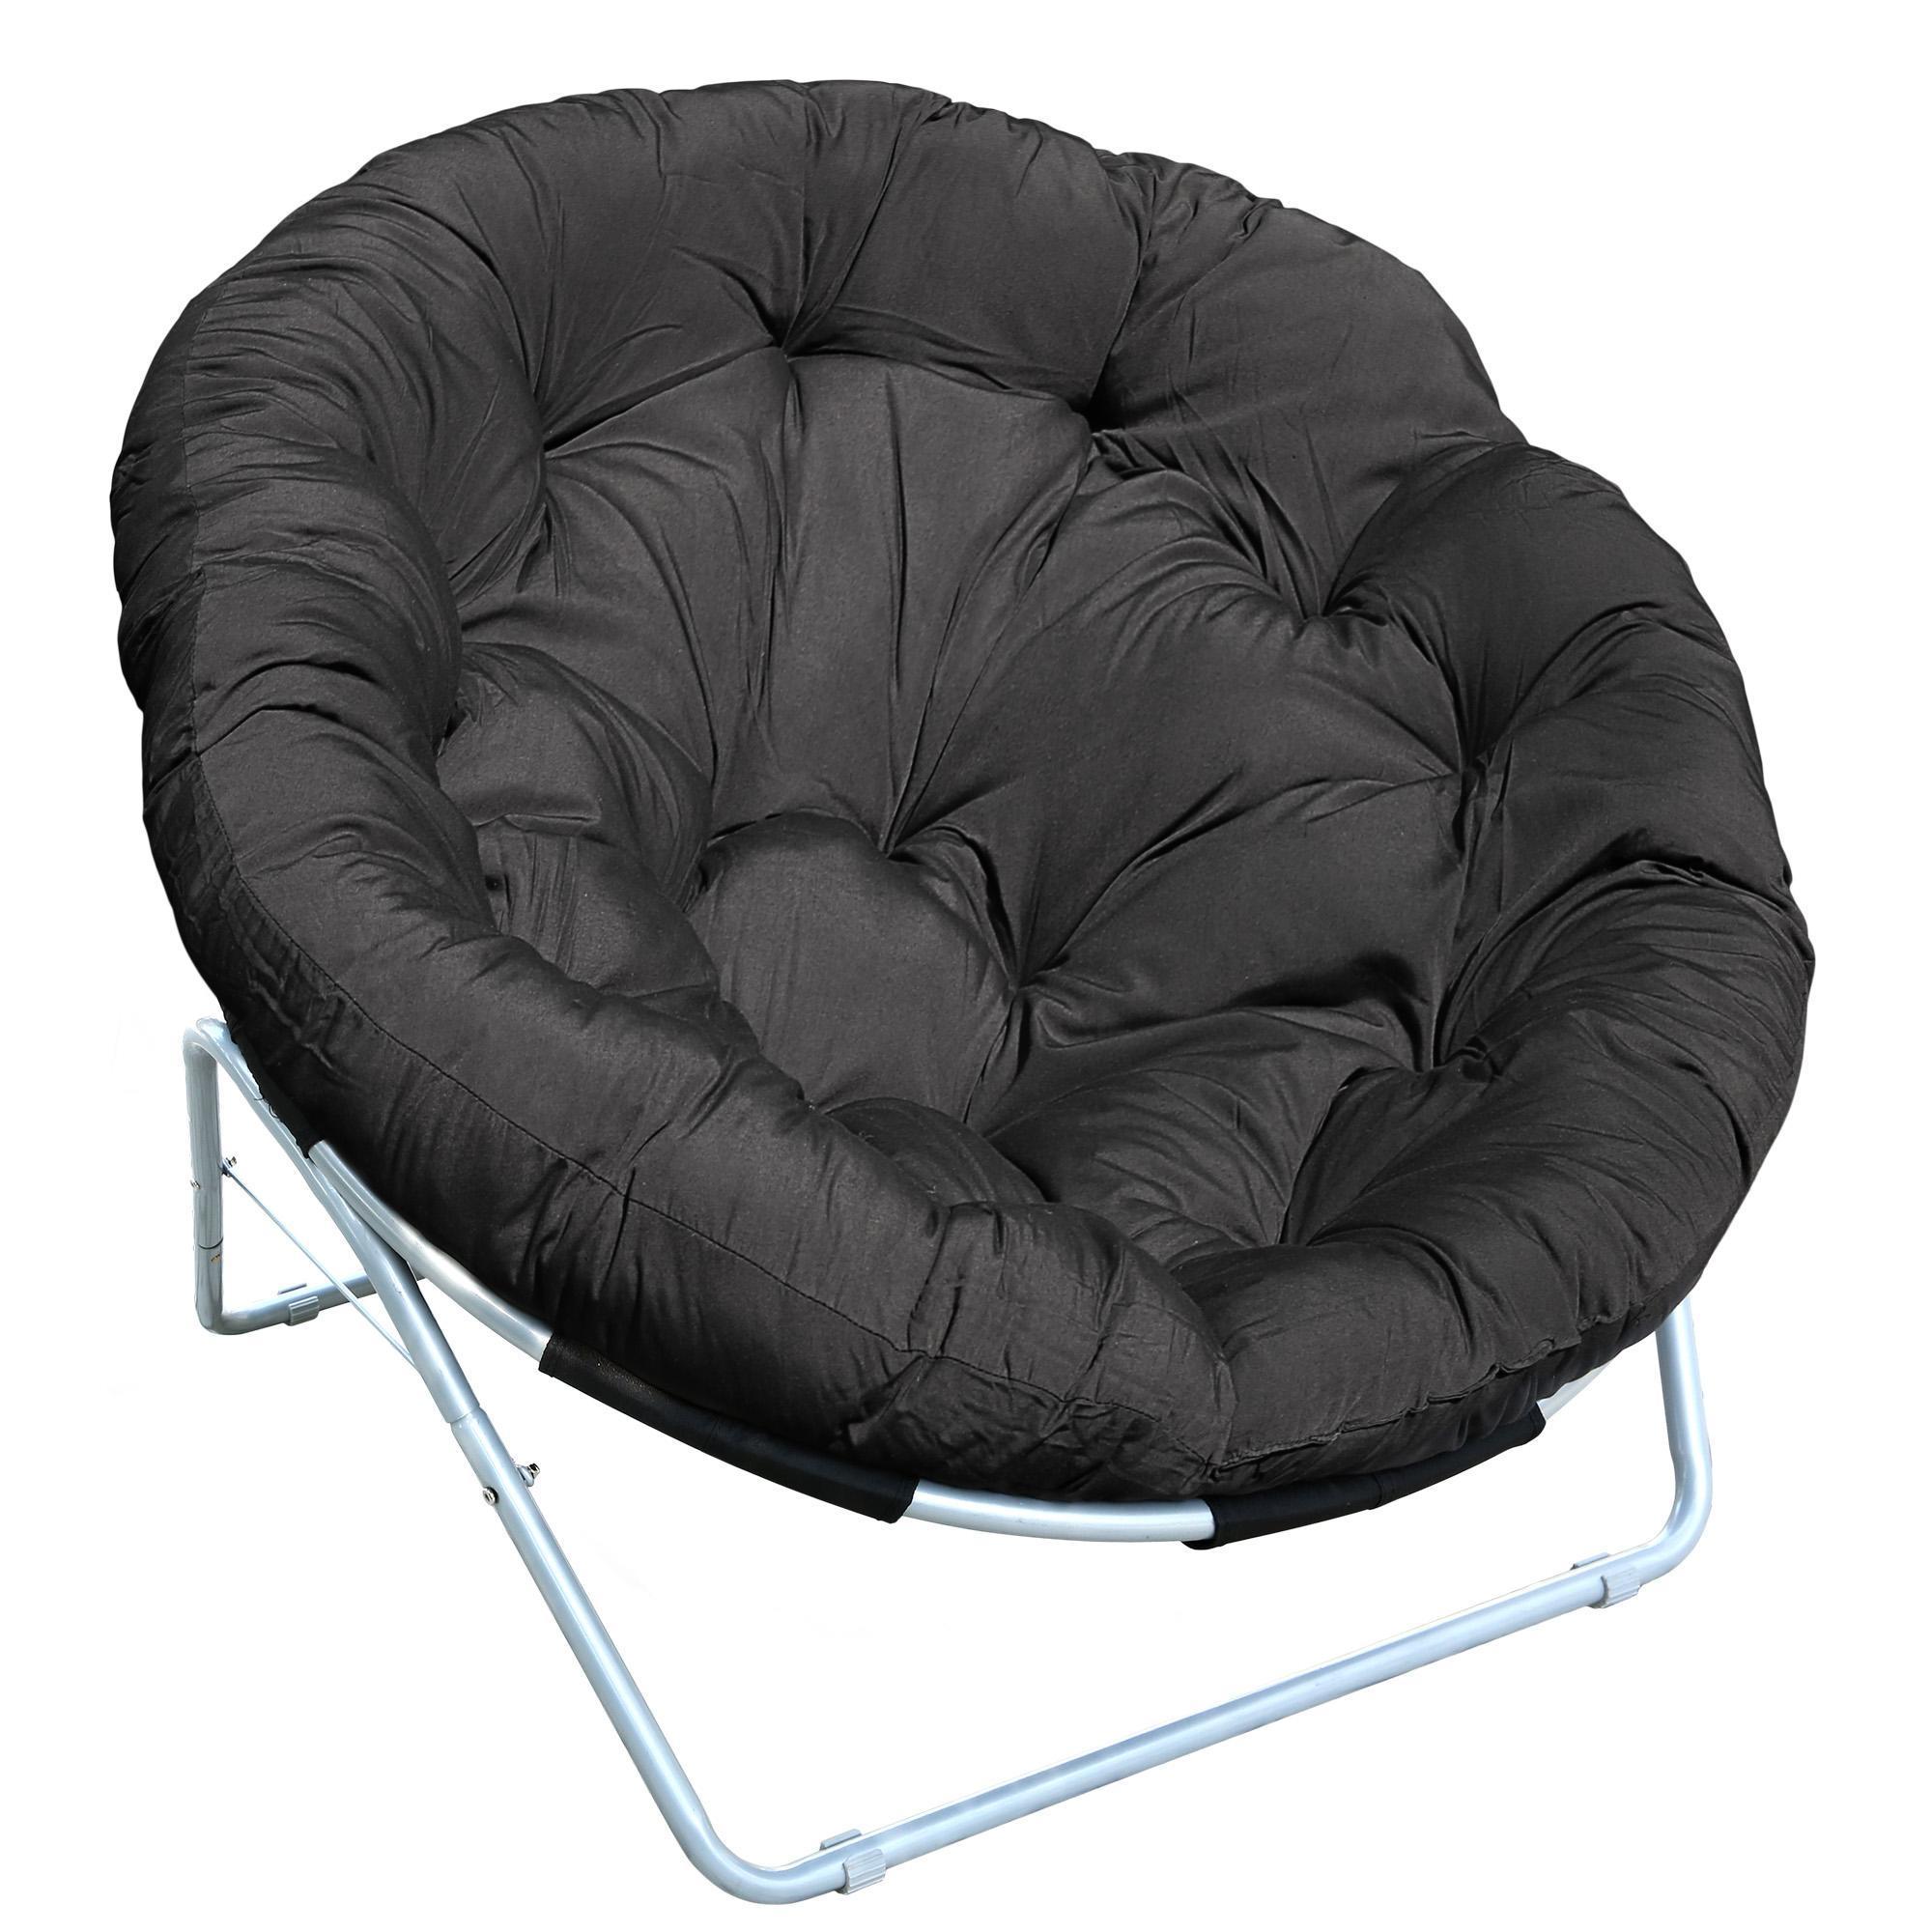 Coussin de chaise coussin rembourr en forme de lune cour ext rieure ronde ch - Coussin pour loveuse ...